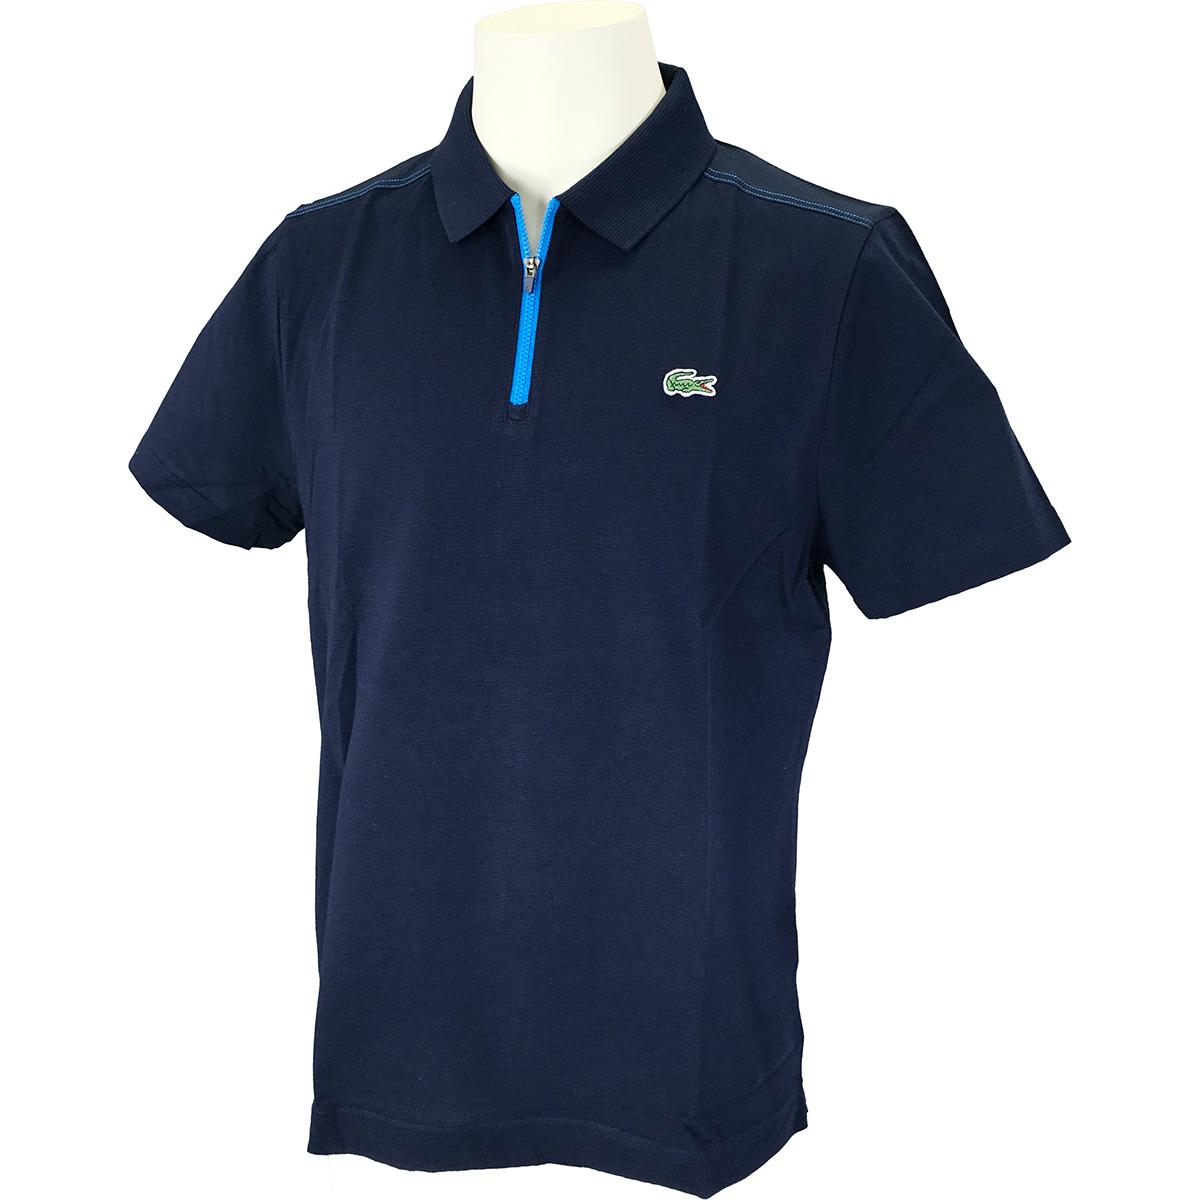 ドライコットン×メッシュ 半袖ポロシャツ